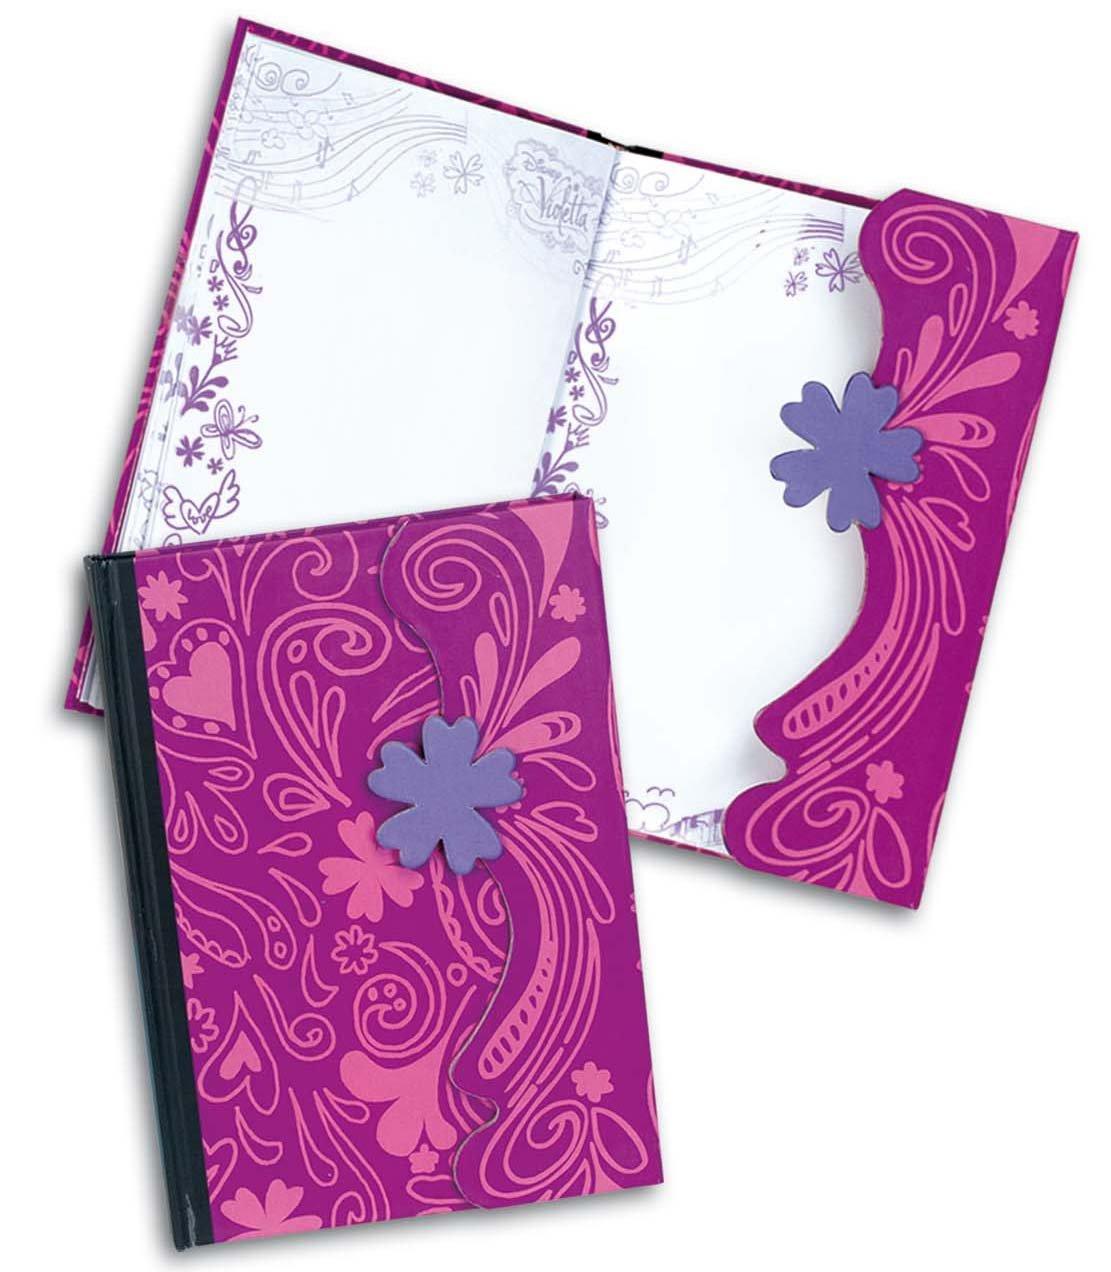 violetta tagebuch amazon violetta love music passion. Black Bedroom Furniture Sets. Home Design Ideas